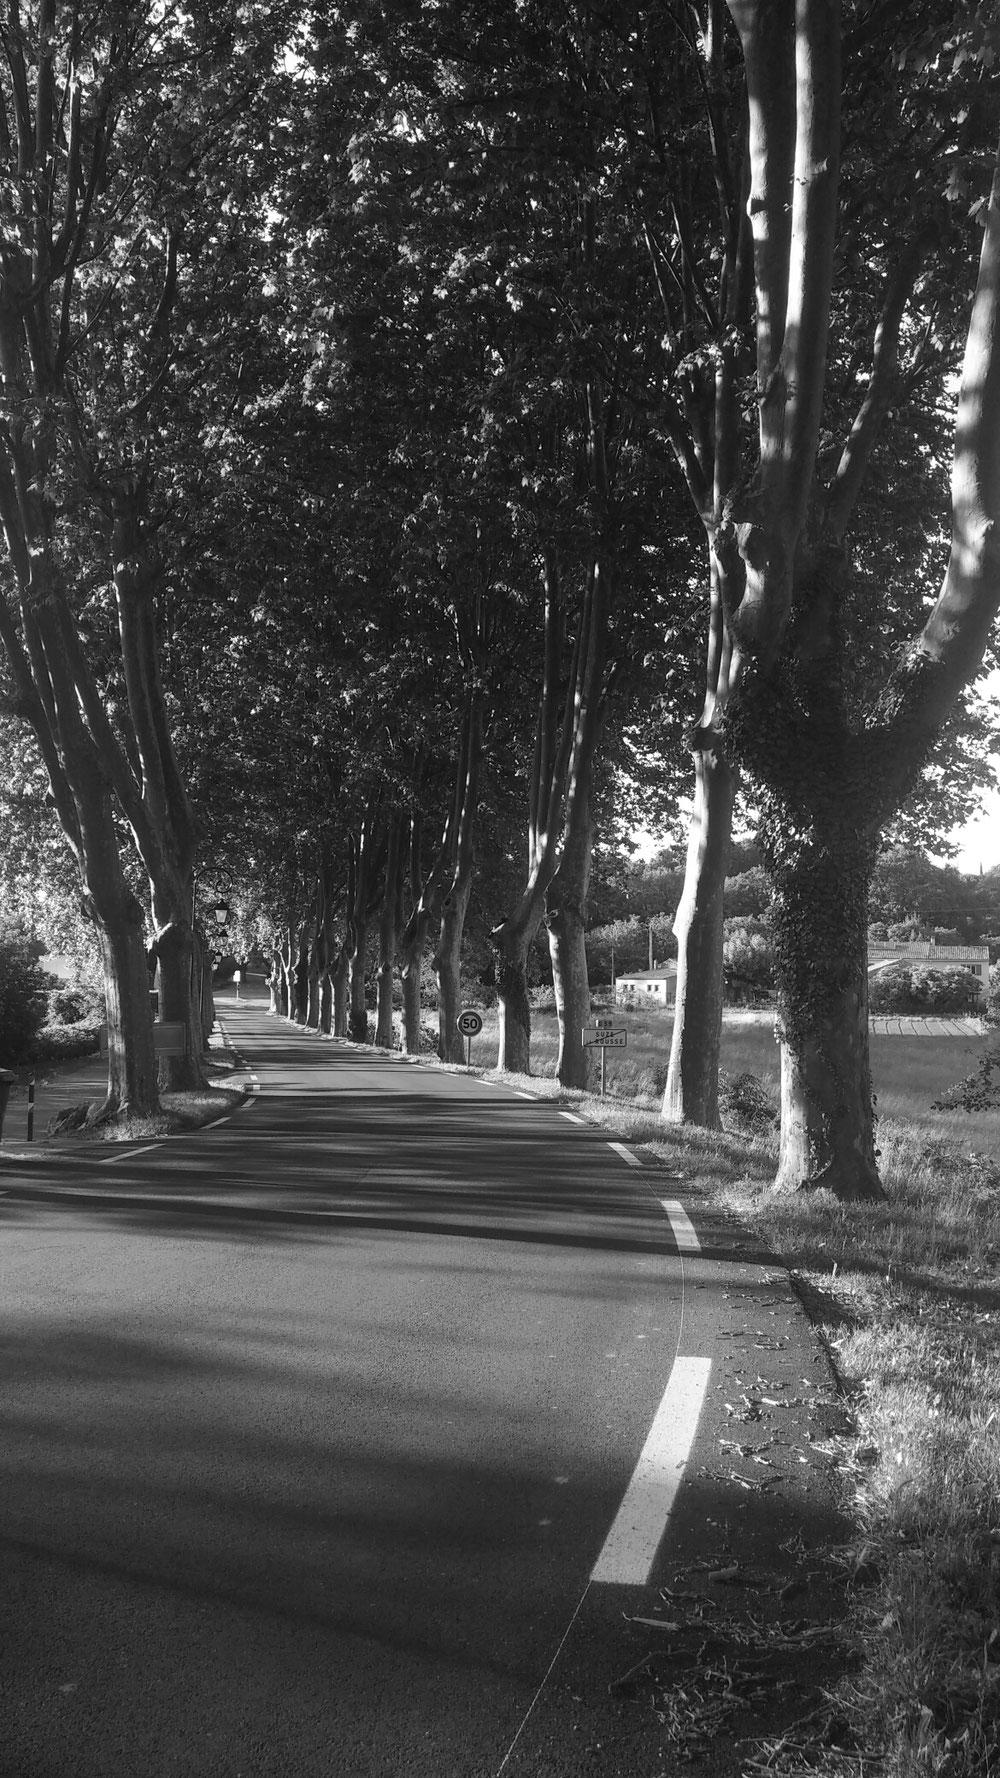 Die Straße nach Suze-la-Rousse